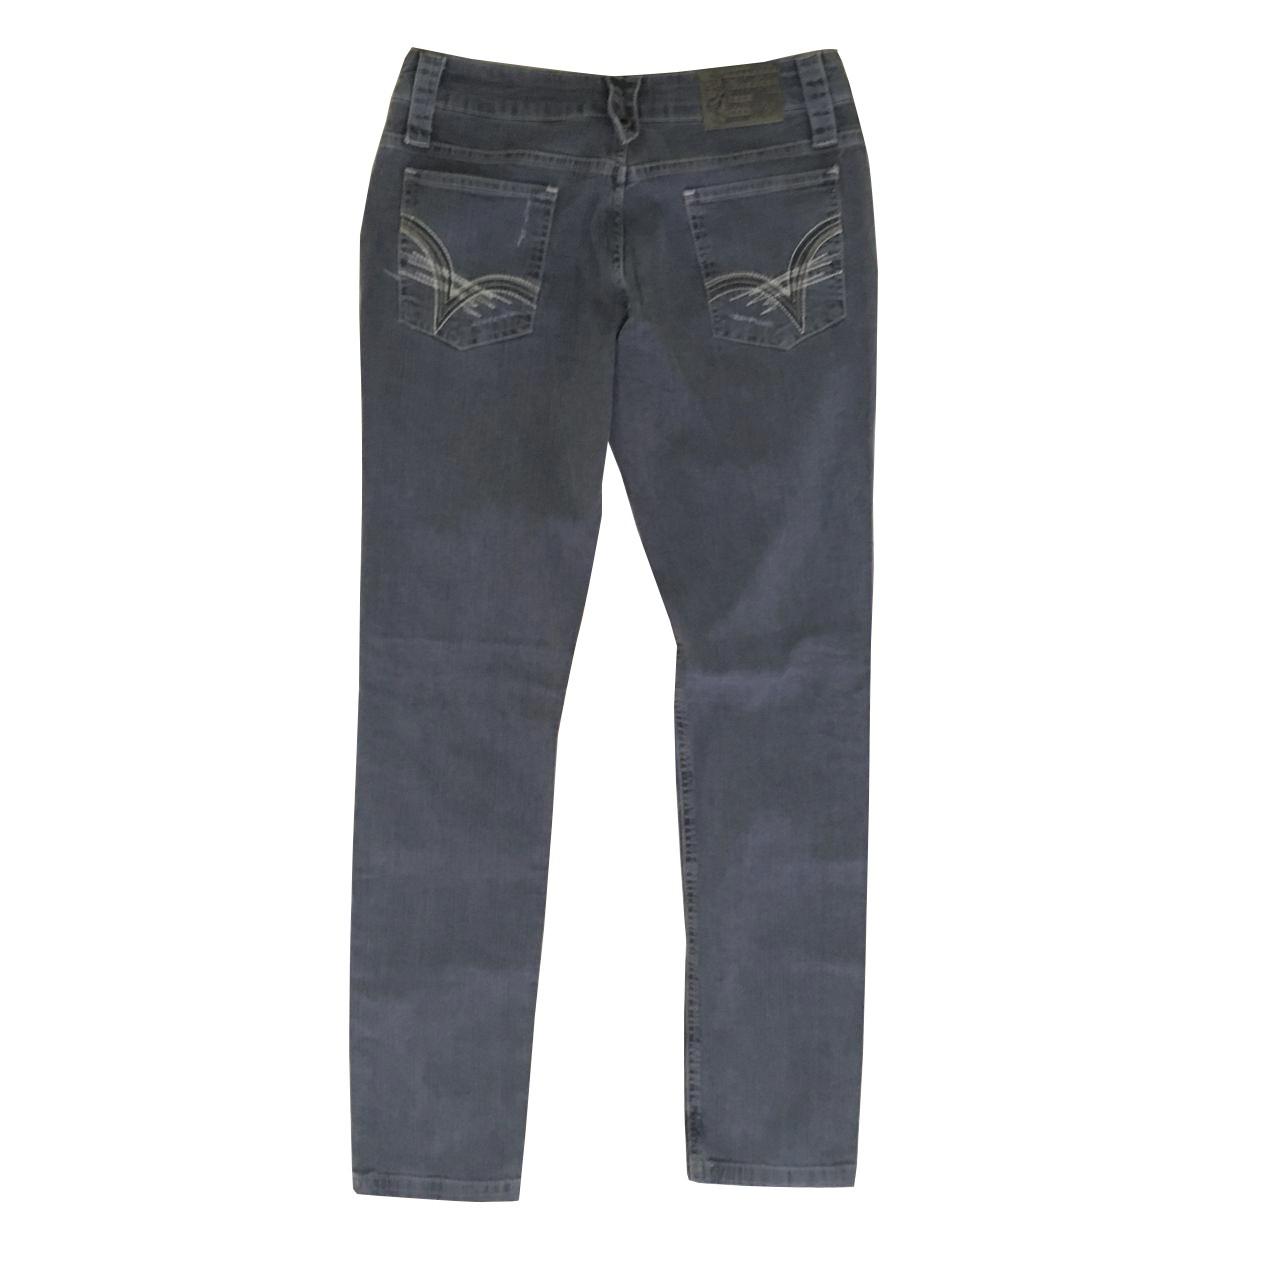 Calça Jeans Volcom Stoned Gray Feminina